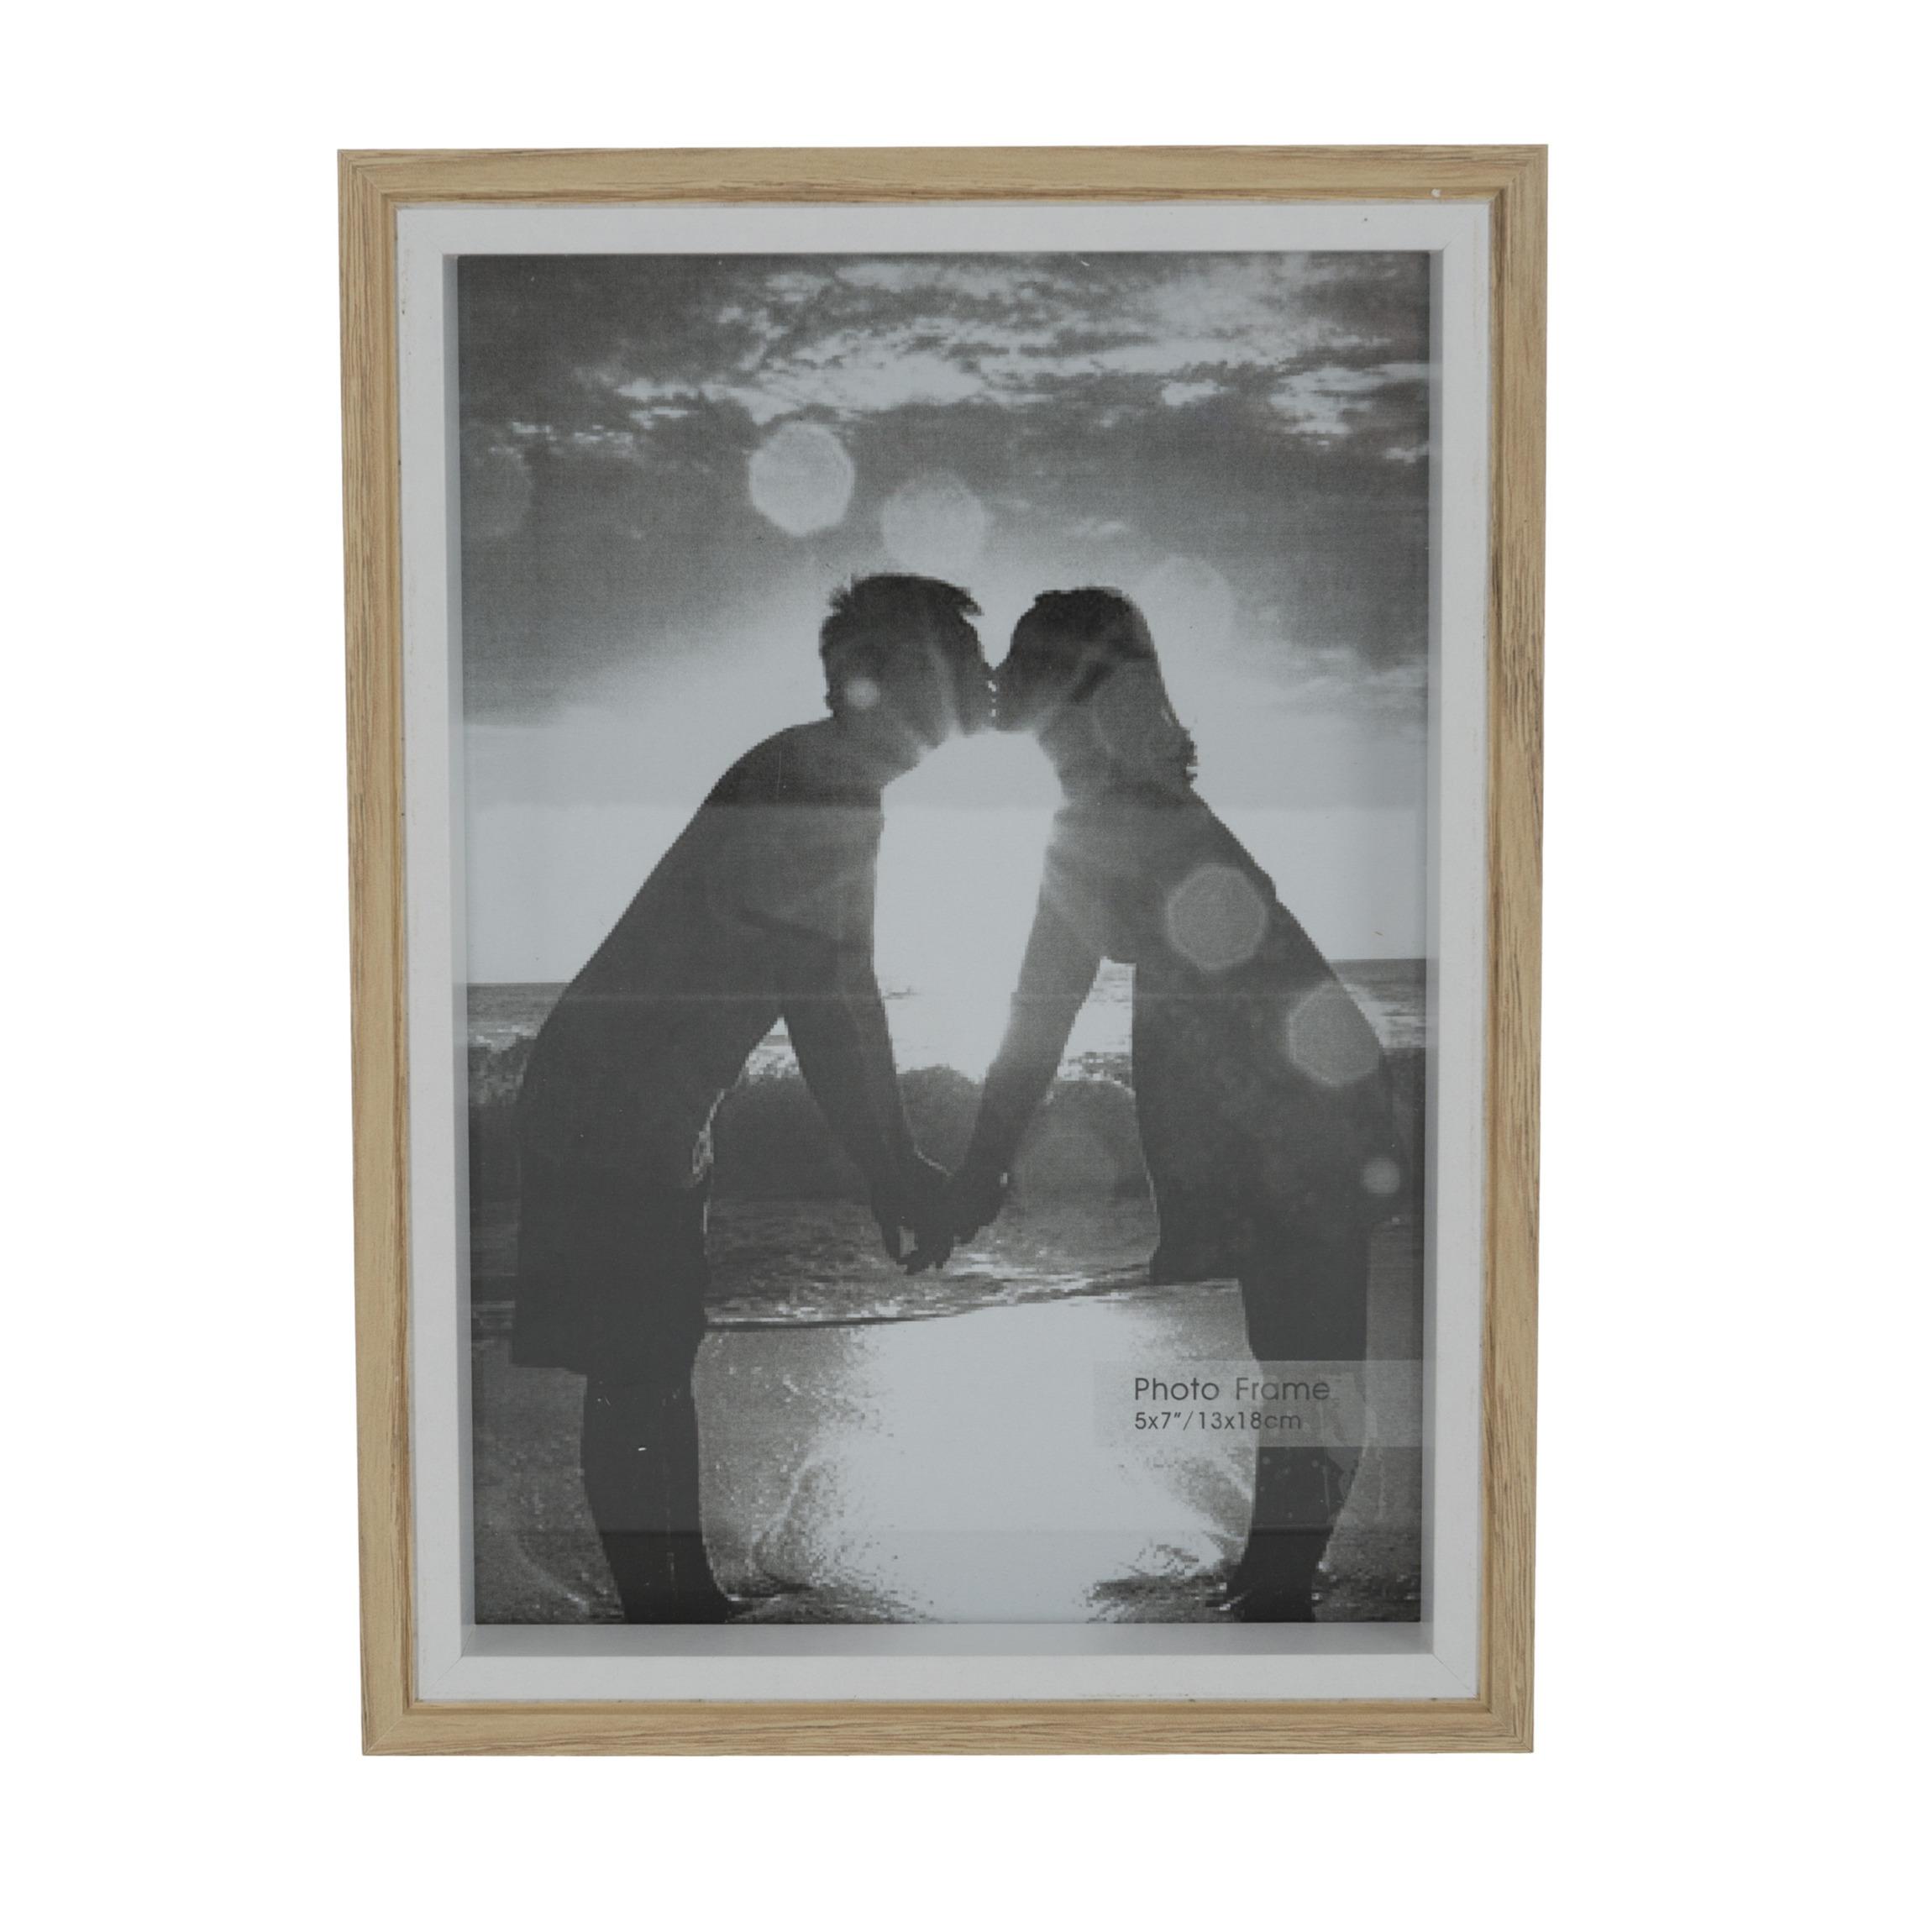 Fotolijstje naturel 20 x 15 cm geschikt voor een foto van 18 x 13 cm